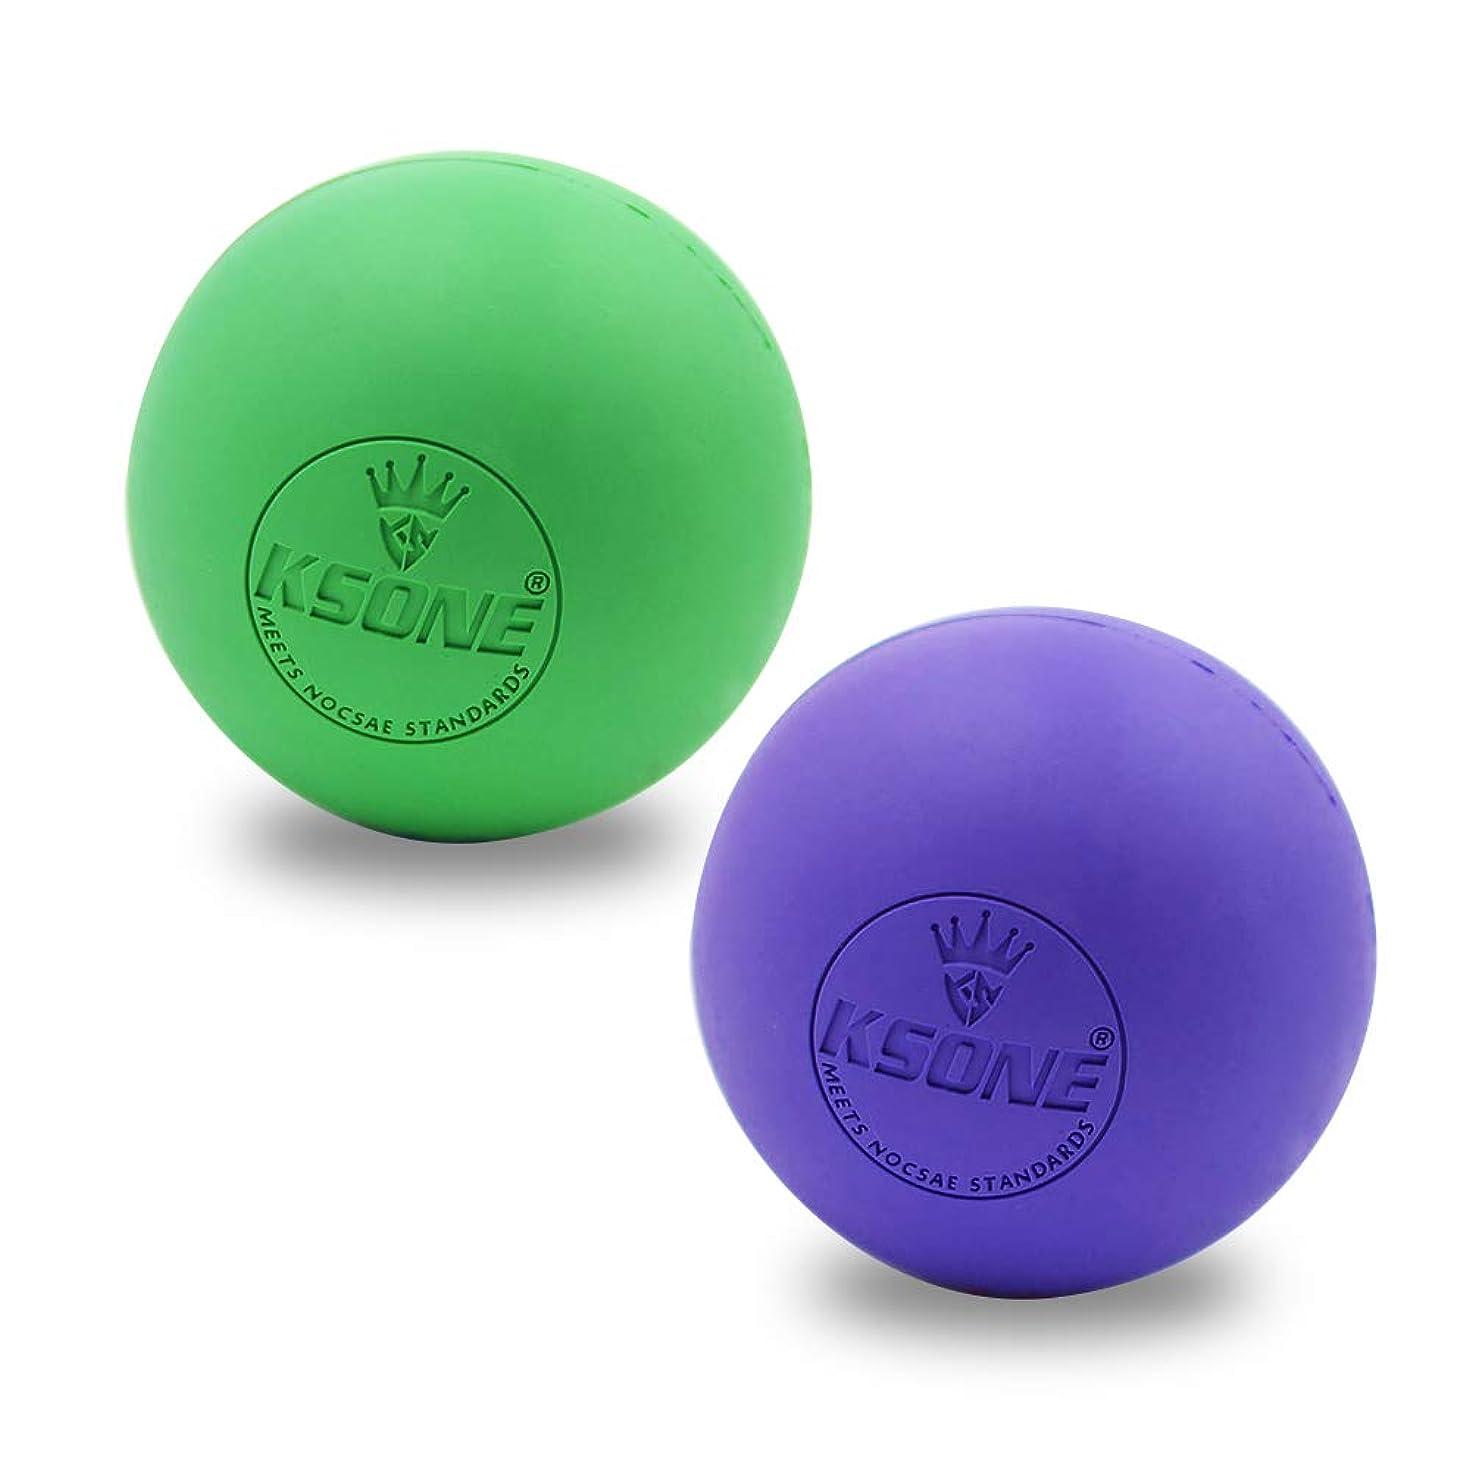 直径刻む正確にマッサージボール ストレッチボール トリガーポイント ラクロスボール 筋膜リリース 疲れ解消ボール トレーニング 背中 肩こり 腰 ふくらはぎ 足裏 ツボ押しグッズ 2で1組み合わせ 2個 セット